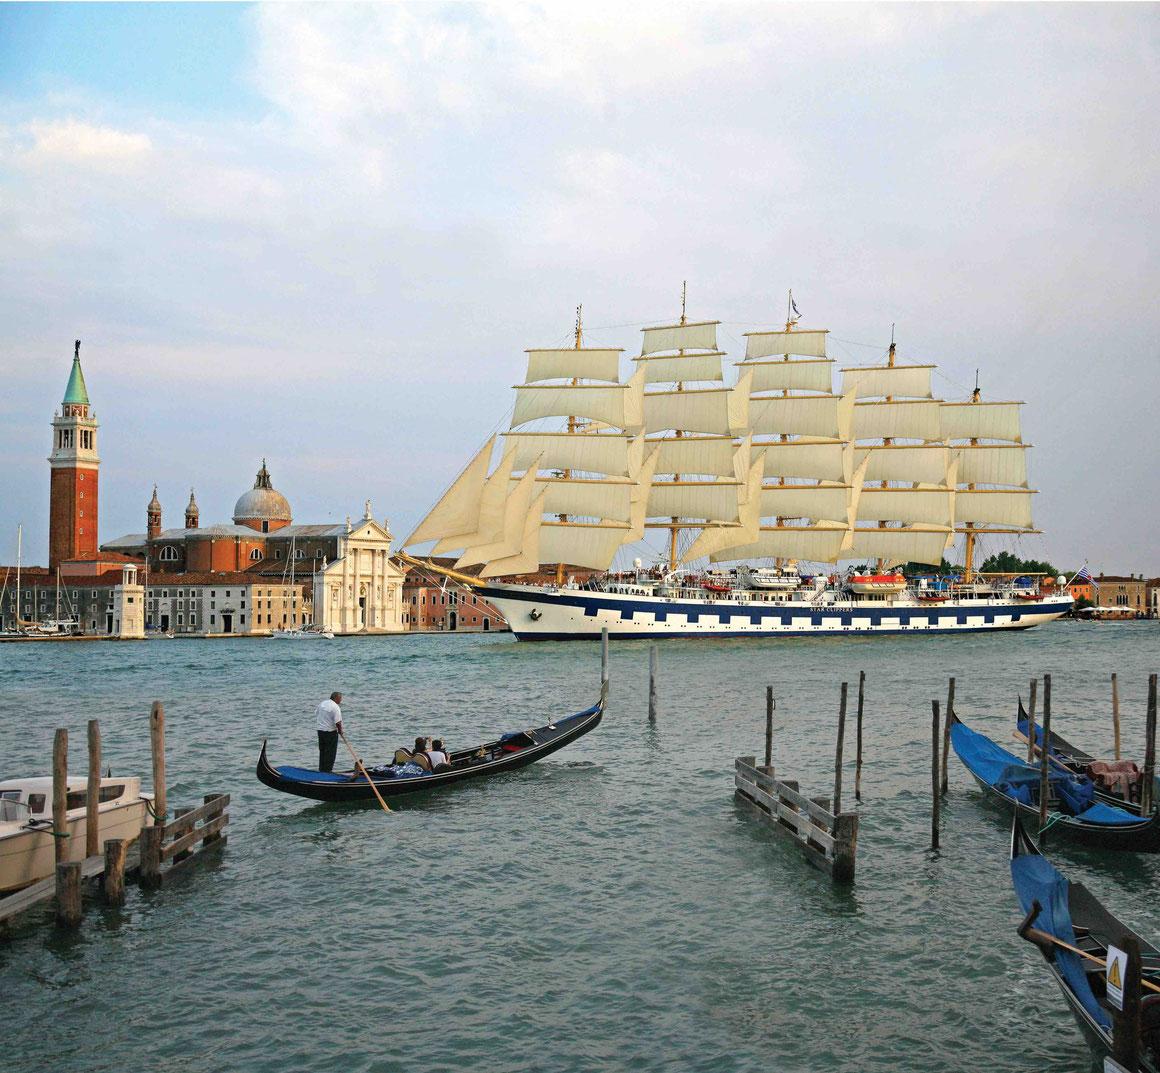 Royal Clipper in Venedig